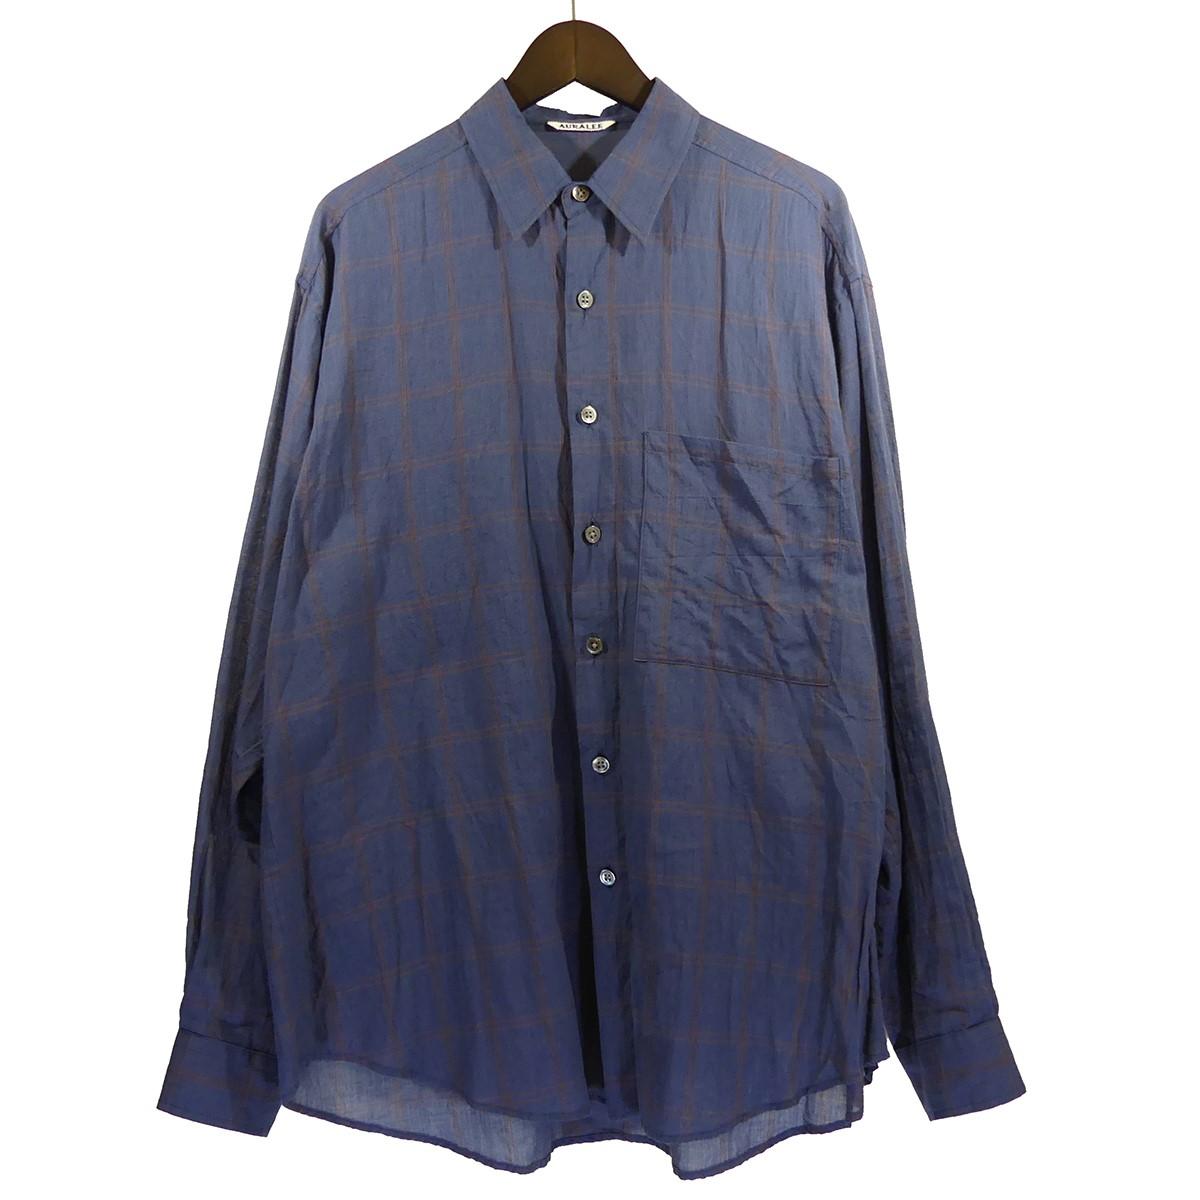 【中古】AURALEE 19SS SUPER LIGHT CHECK BIG SHIRTS スーパーライトチェックシャツ ネイビー サイズ:4 【240320】(オーラリー)